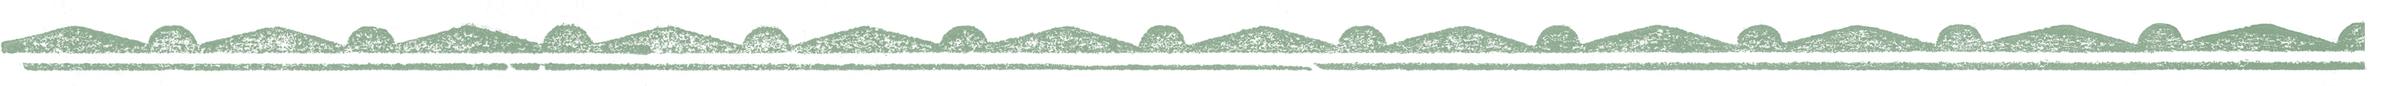 Horizontal_divider 03_green.png